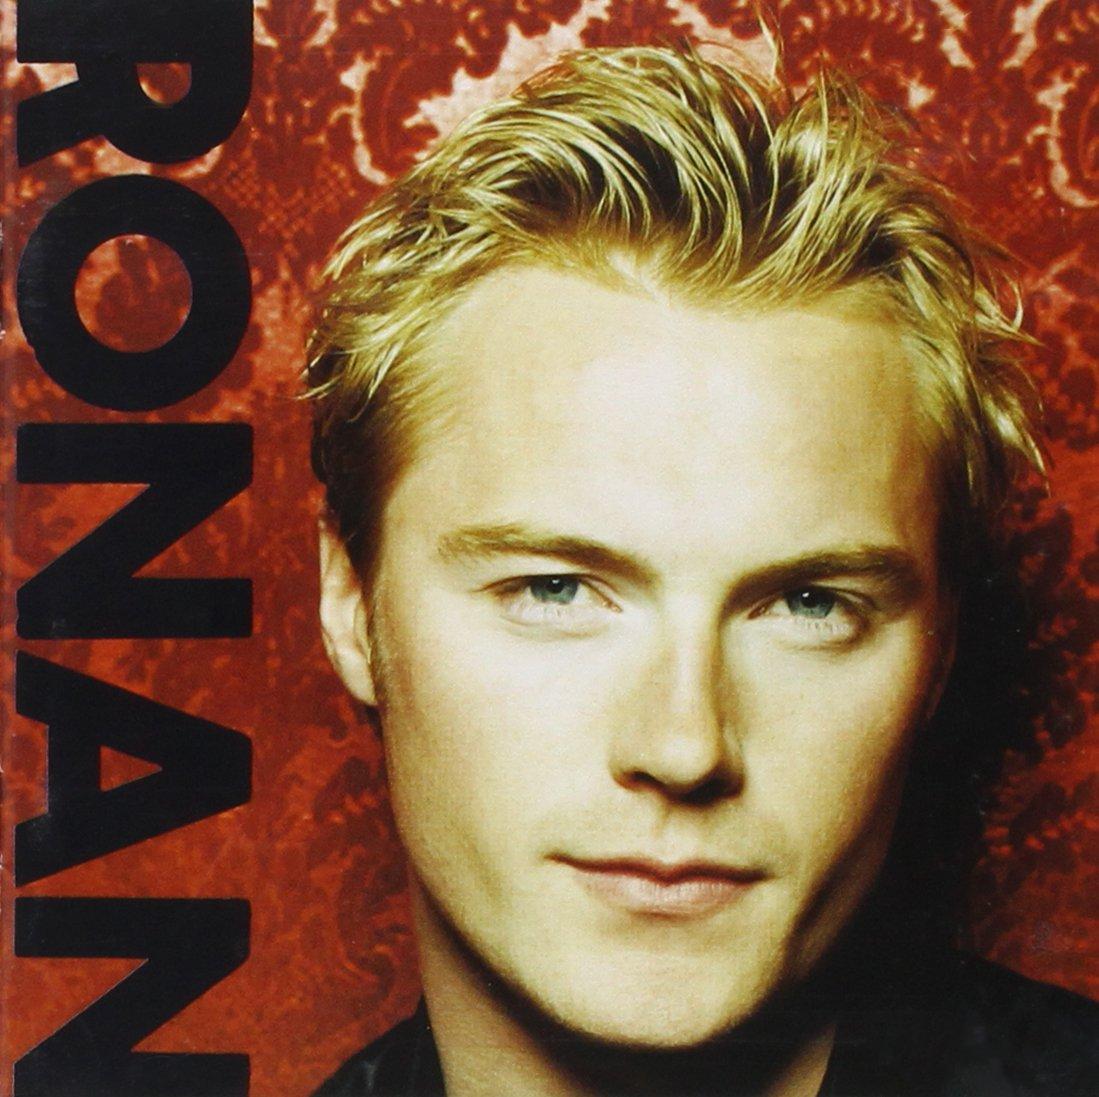 CD : Ronan Keating - Ronan